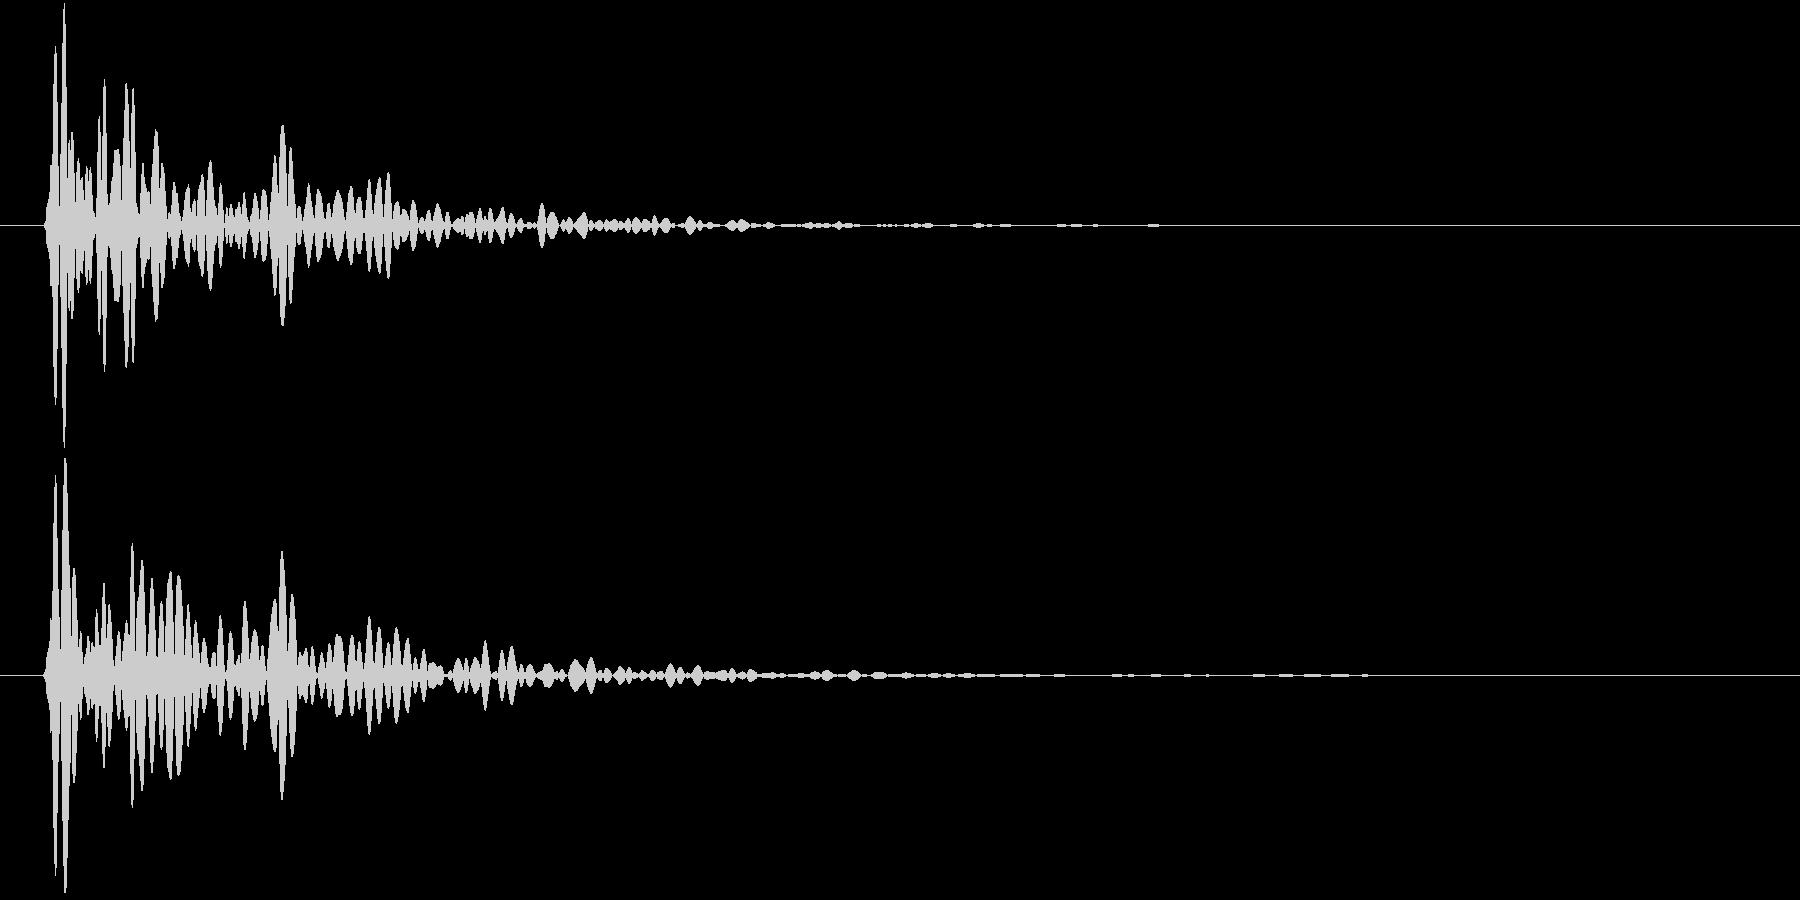 【生録音】テーブルの上に大皿を置く音の未再生の波形